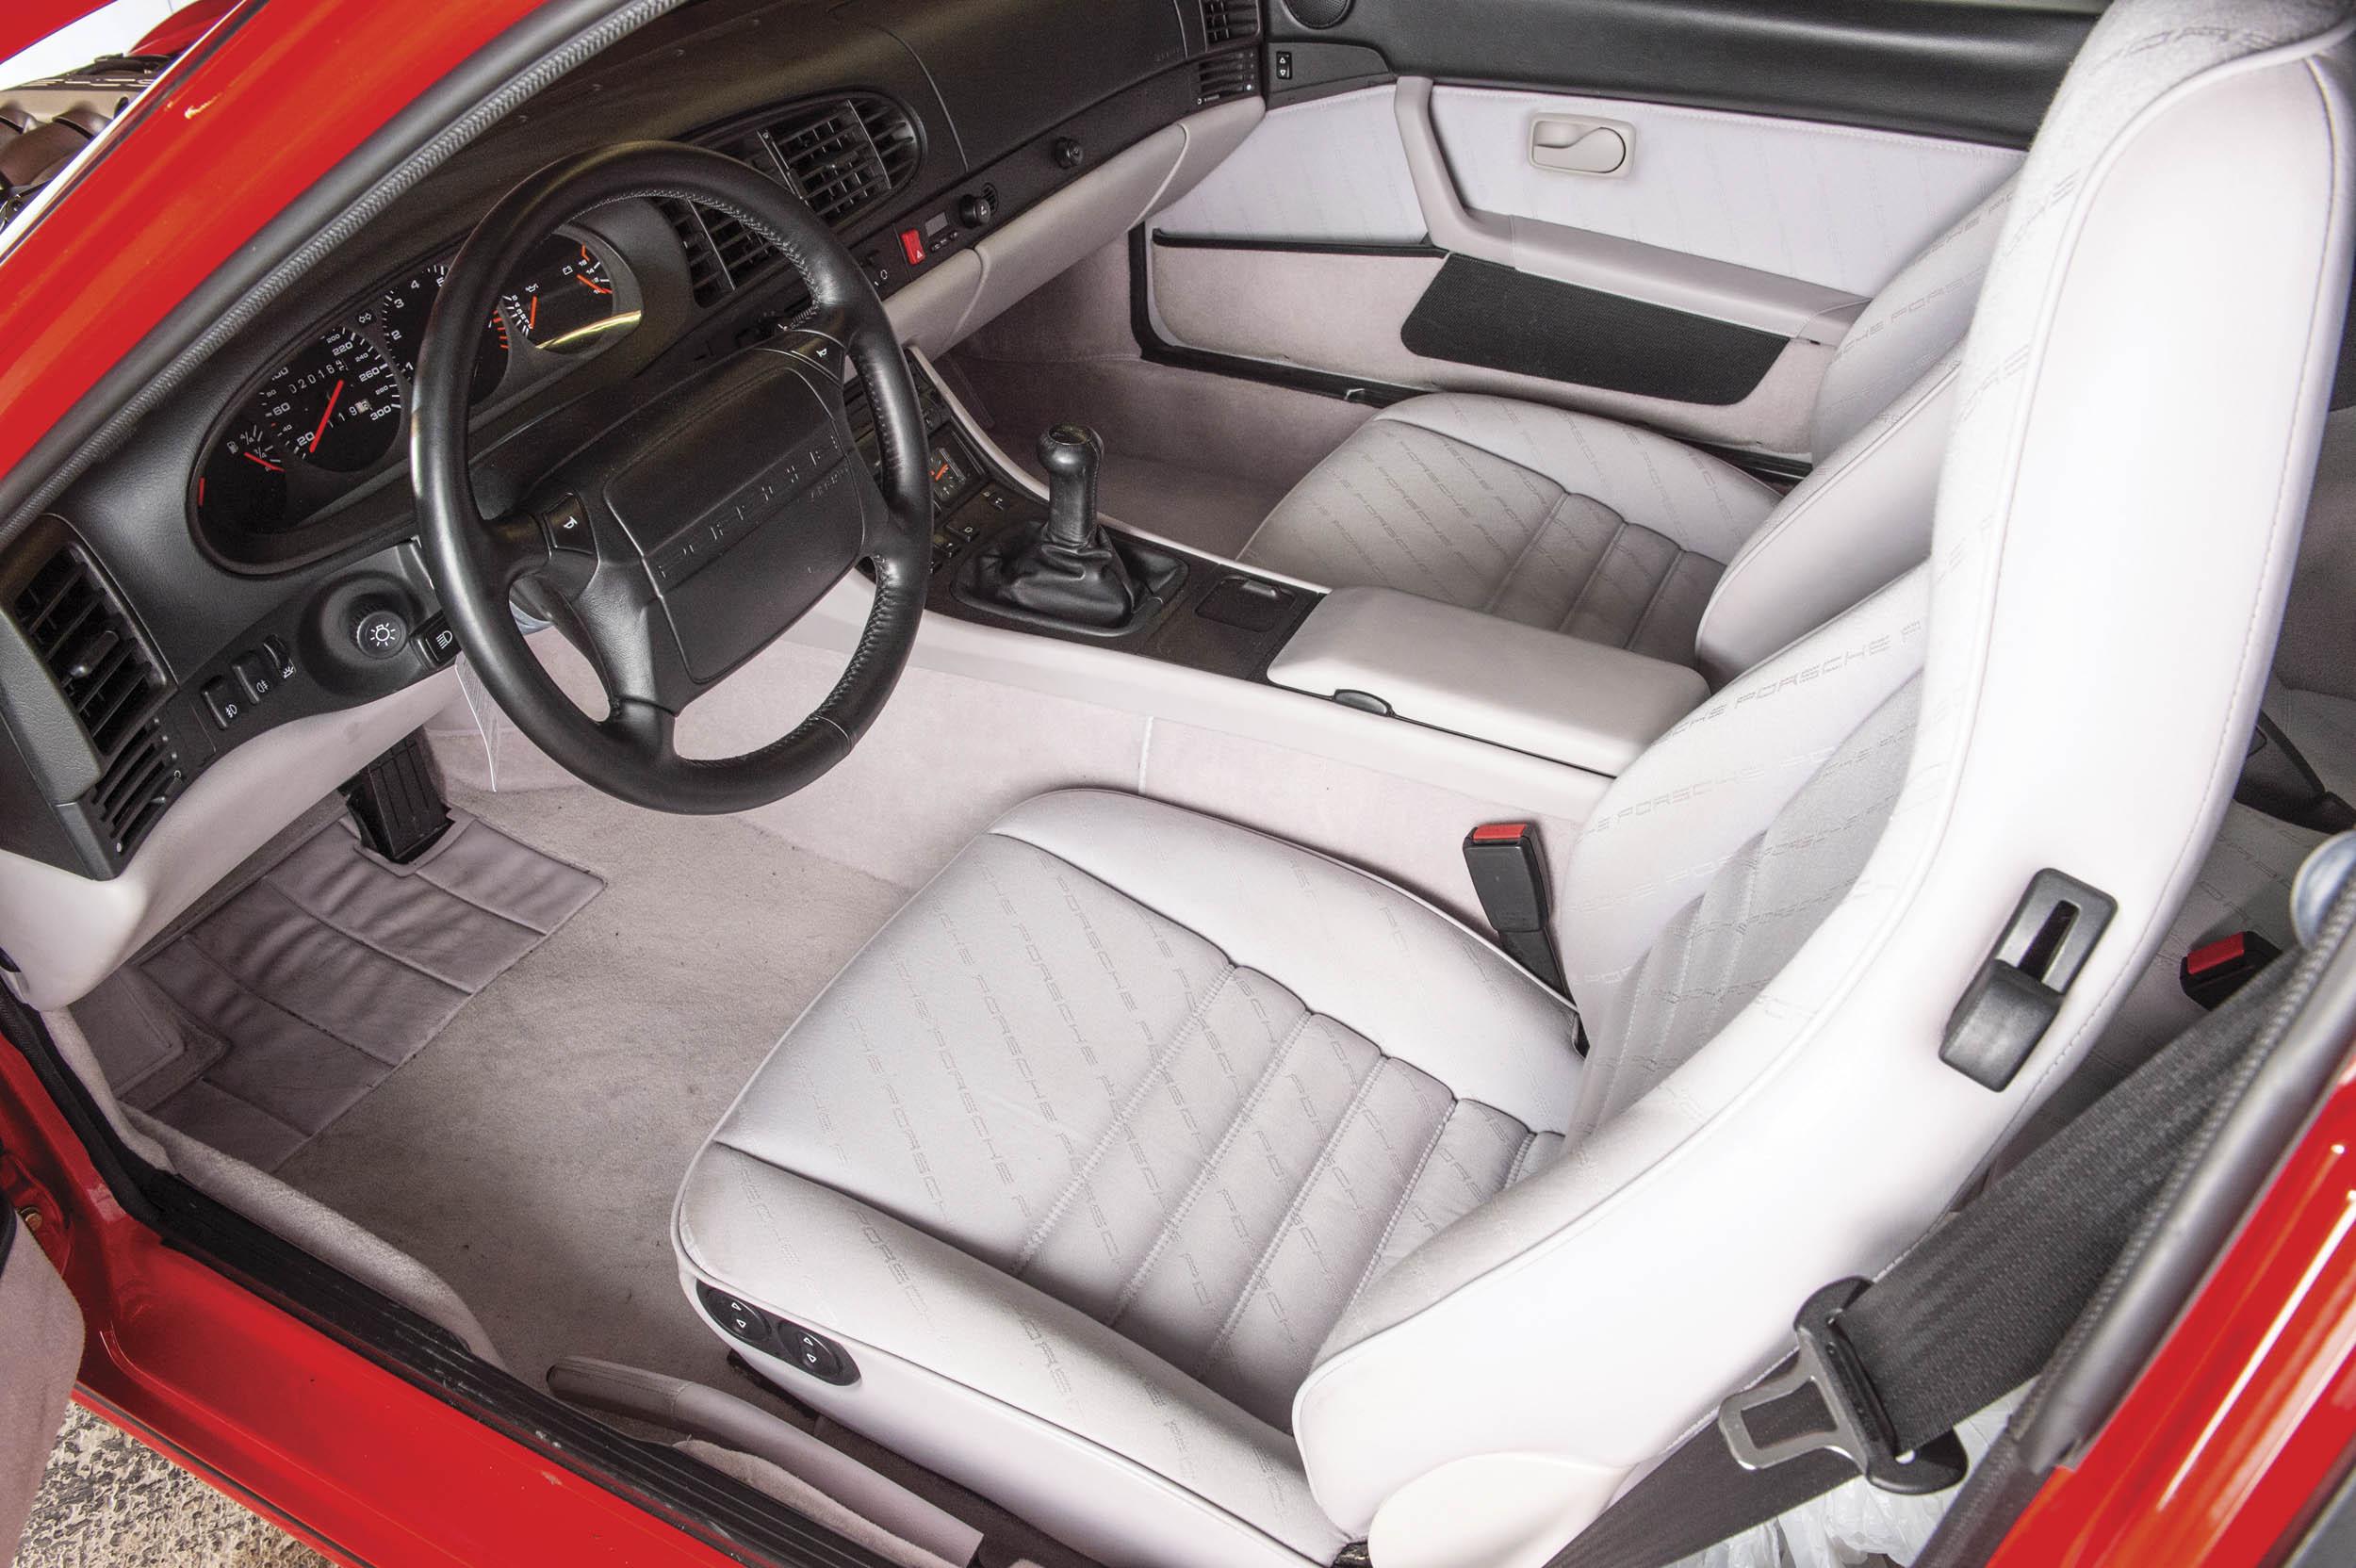 1992 Porsche 968 interior